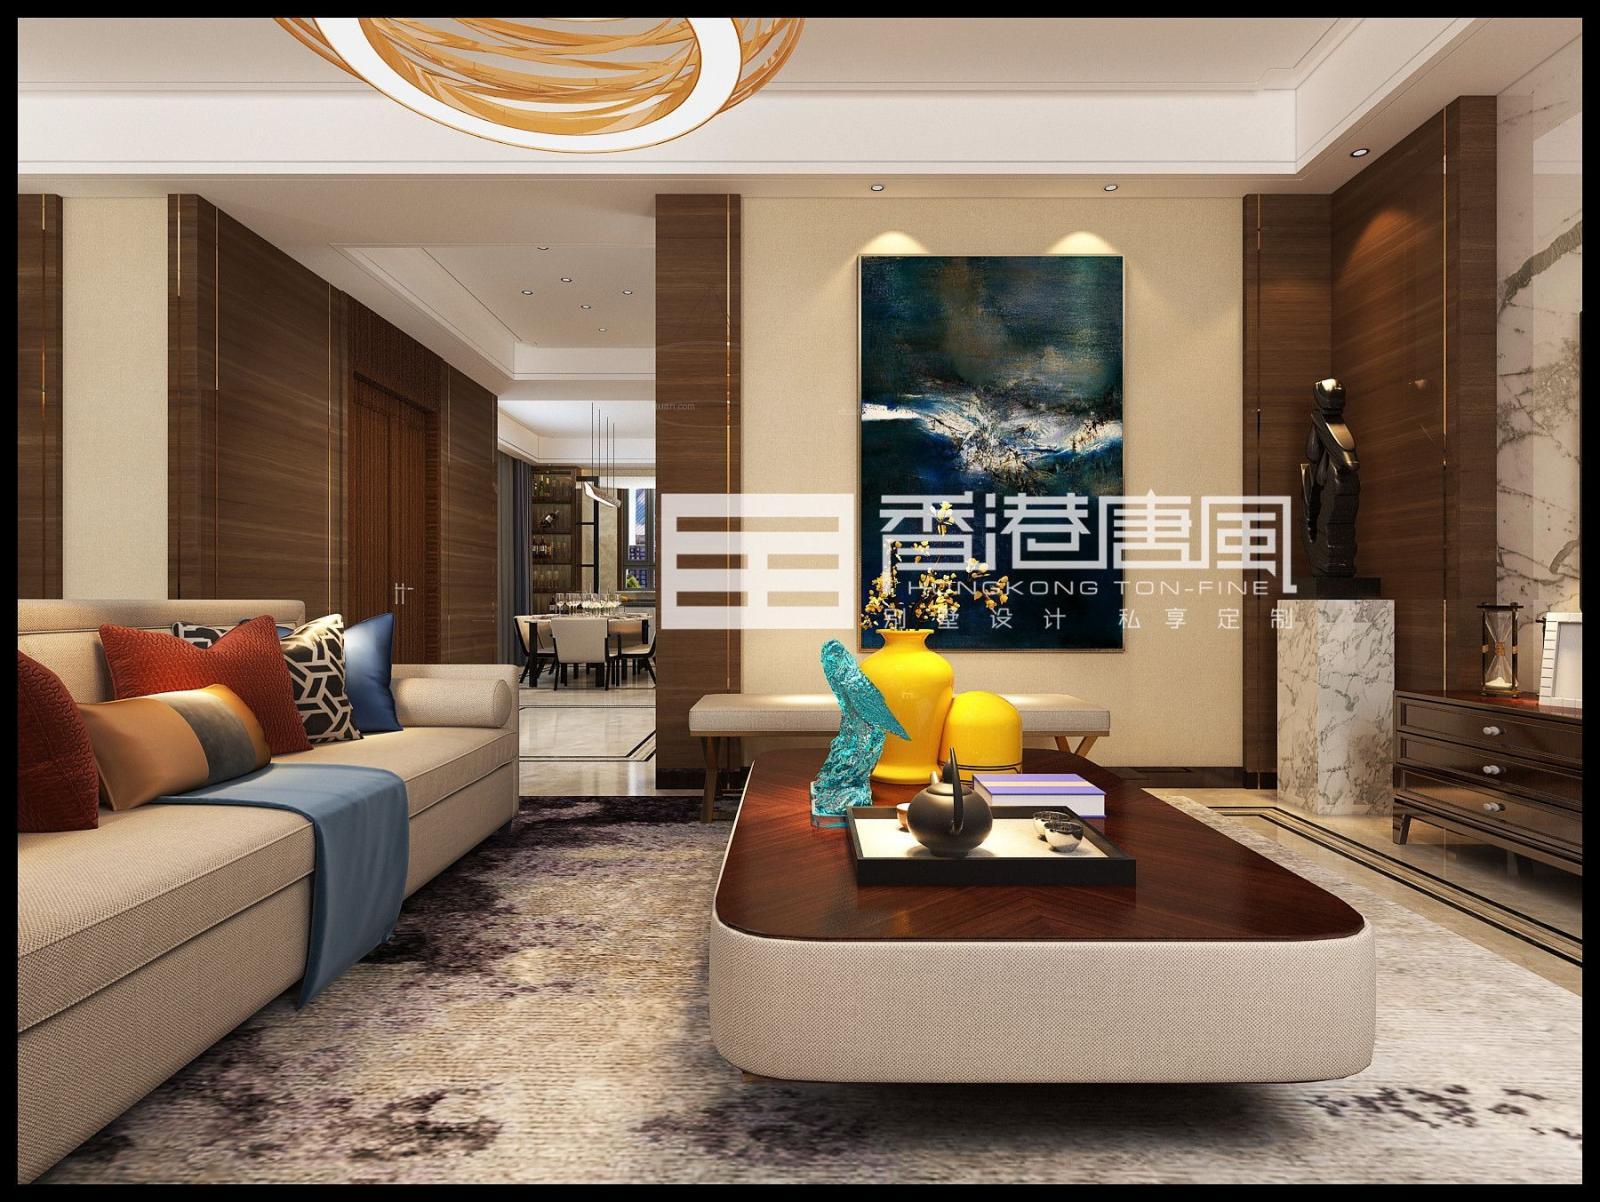 济南华润仰山新中式风格别墅装修设计|济南香港唐风别墅装修